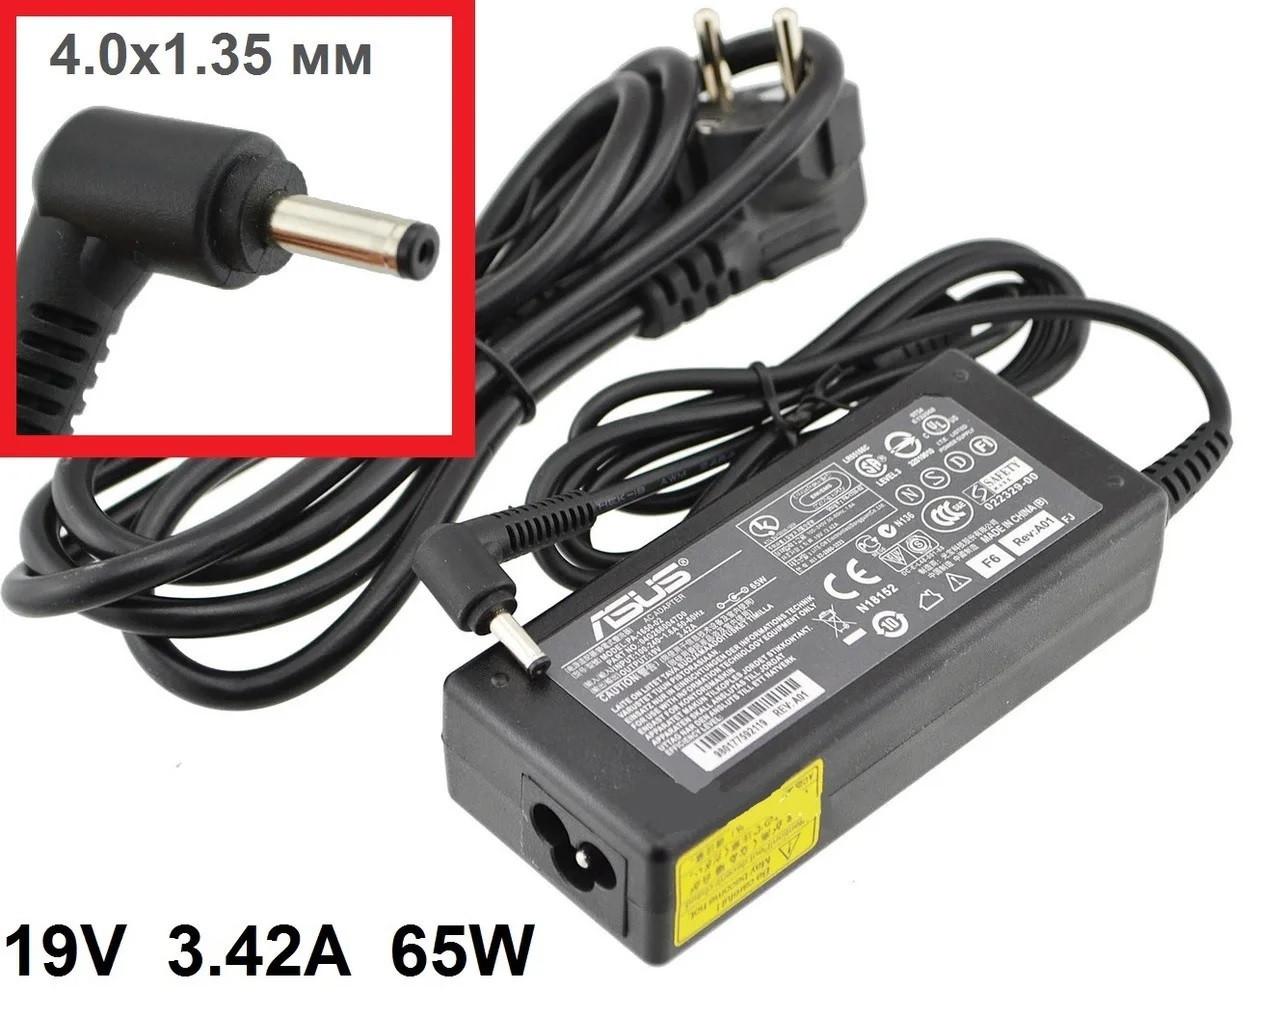 Блок питания для ноутбука Asus R541S 19V 3.42A 65W 4.0x1.35 мм зарядное устройство для ноутбука